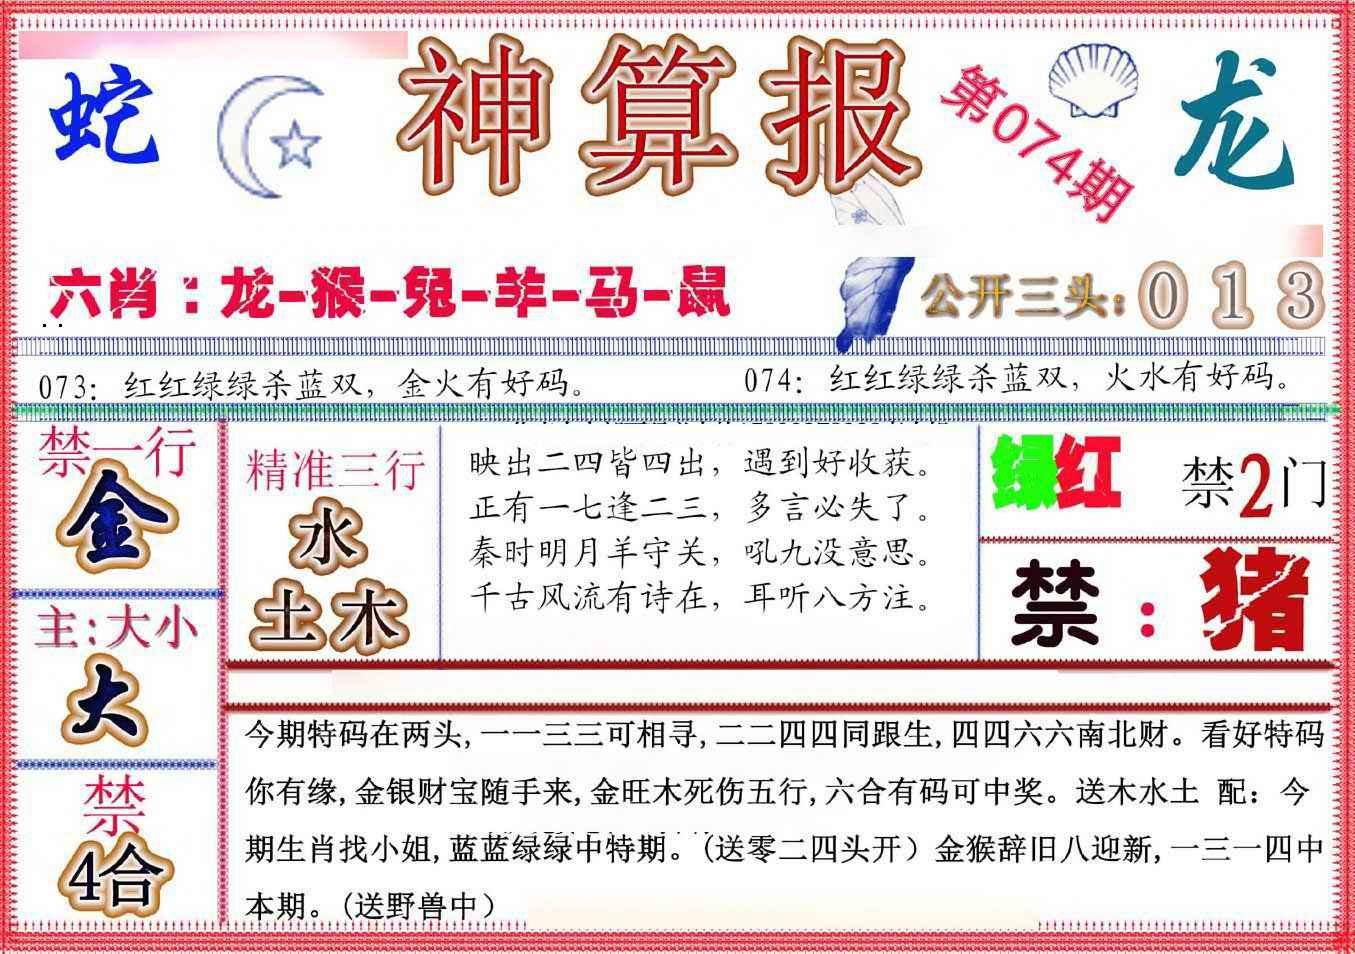 074期神算报(新版)